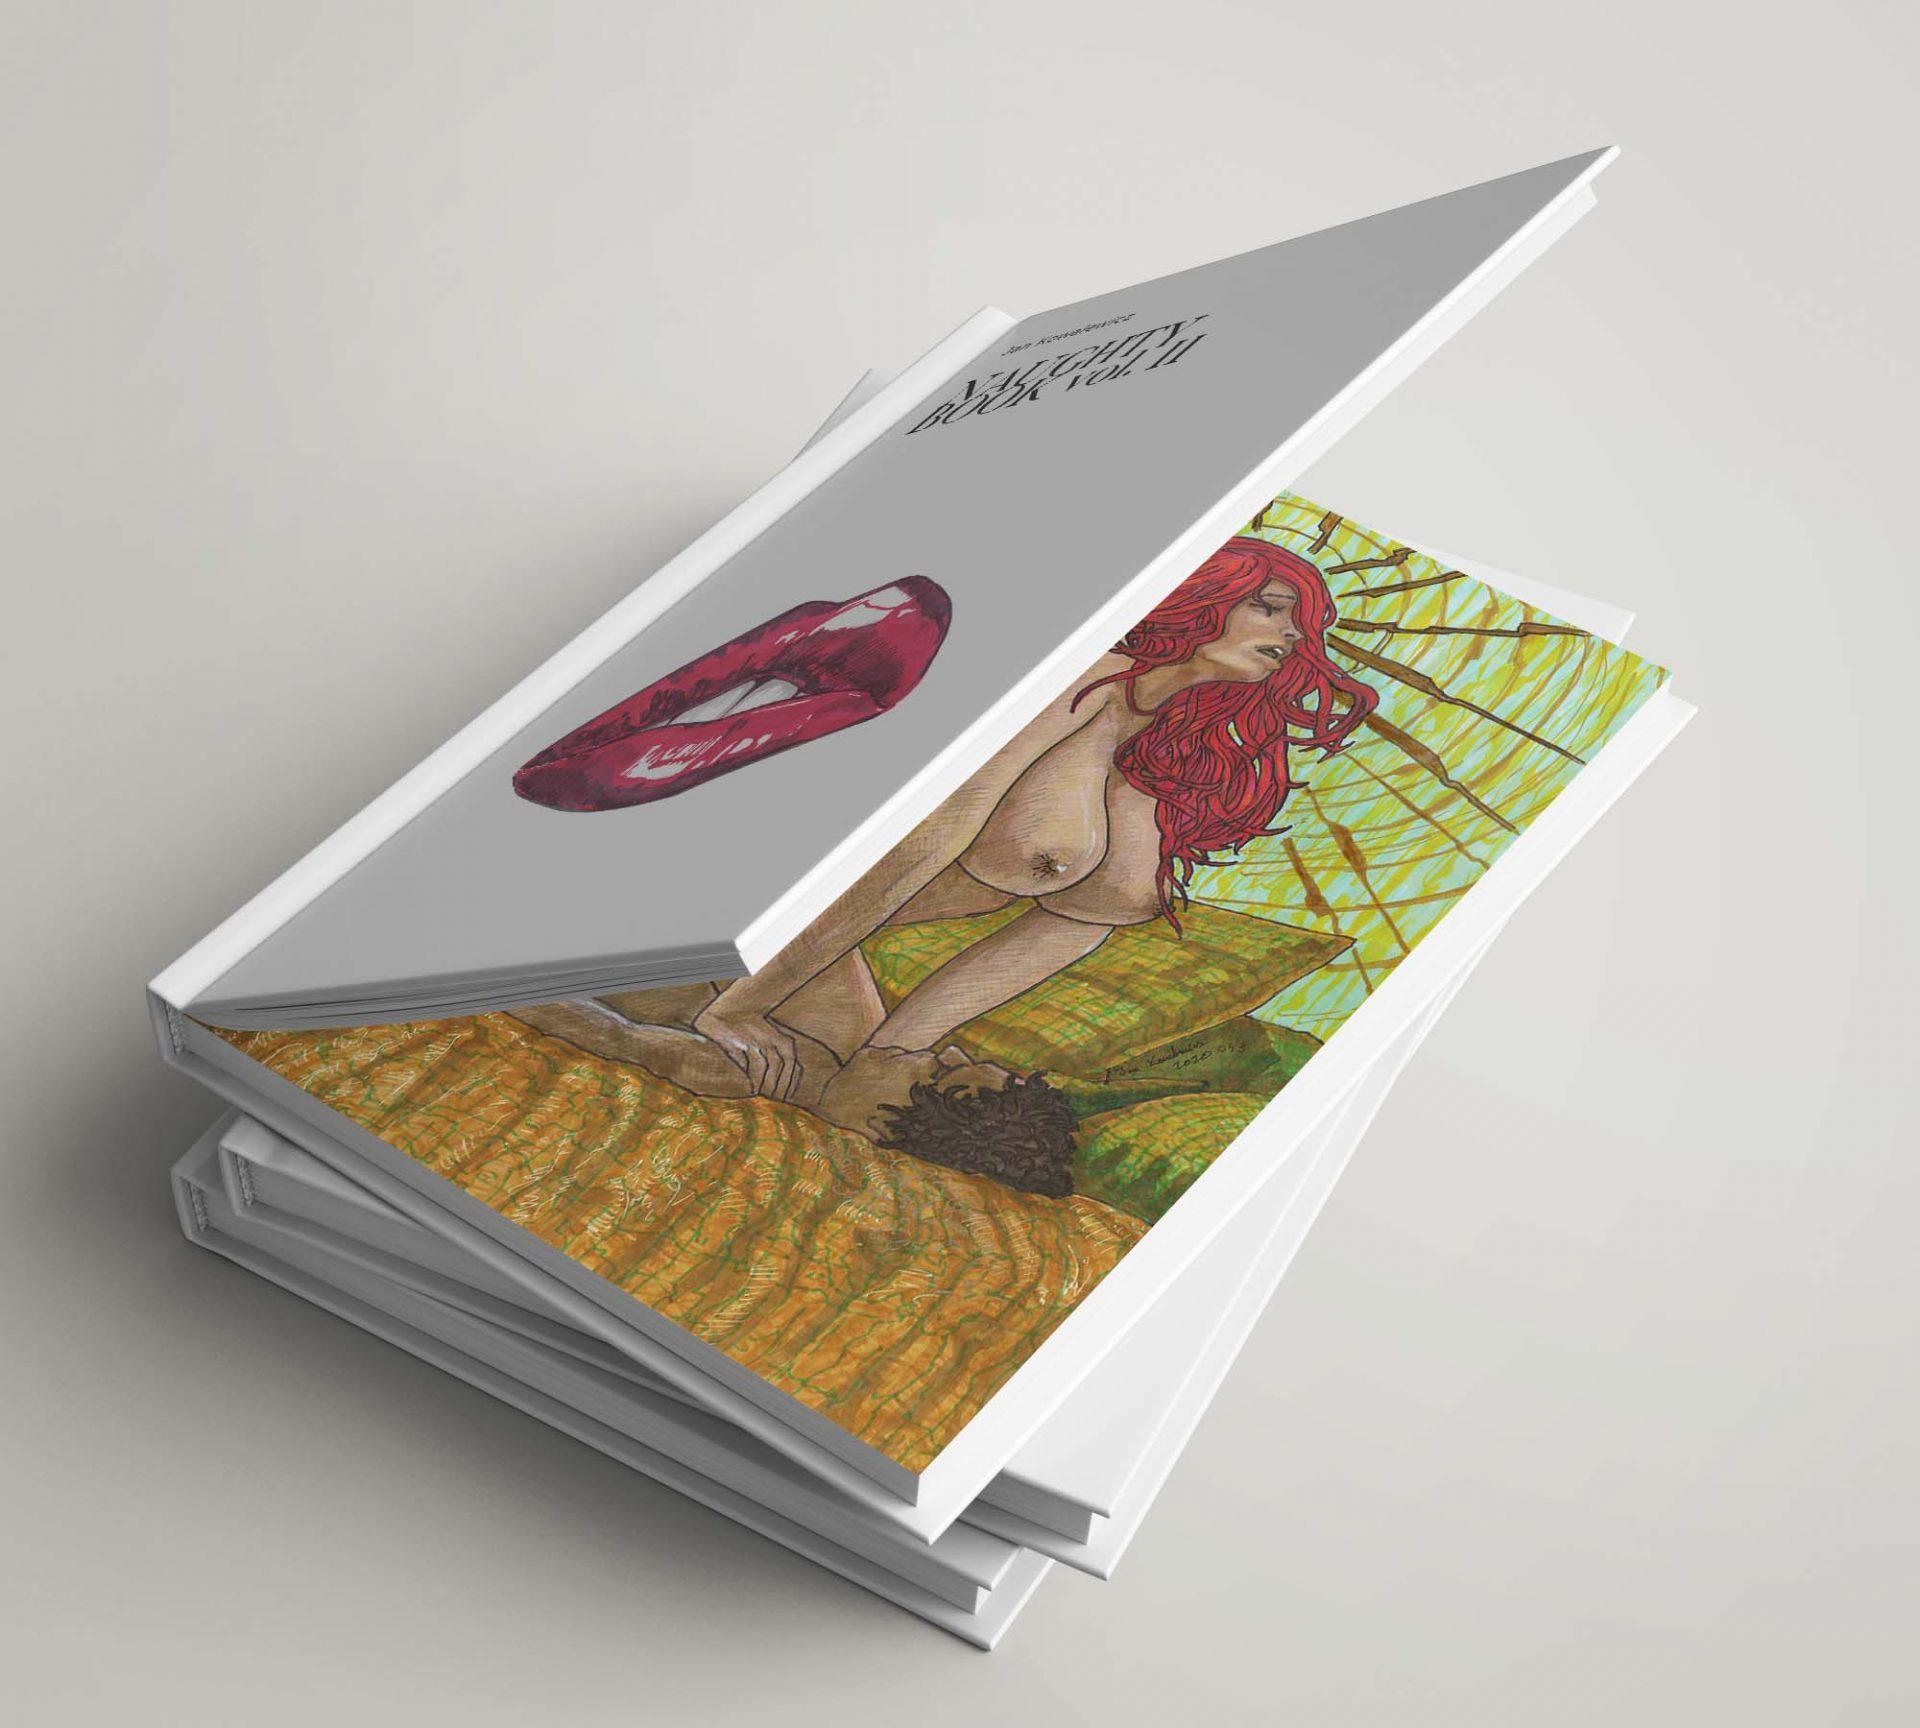 naughty book vol 2 by jan kowalewicz